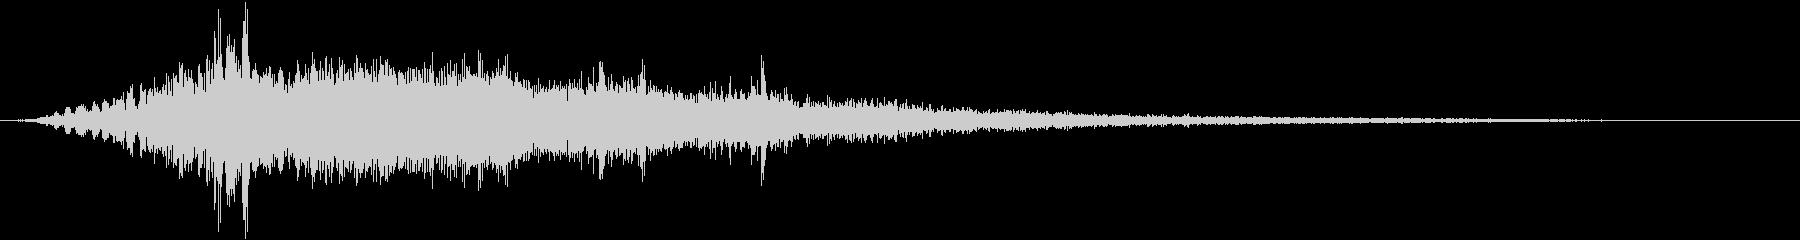 ゲーム演出_電子音(アニメーション)の未再生の波形